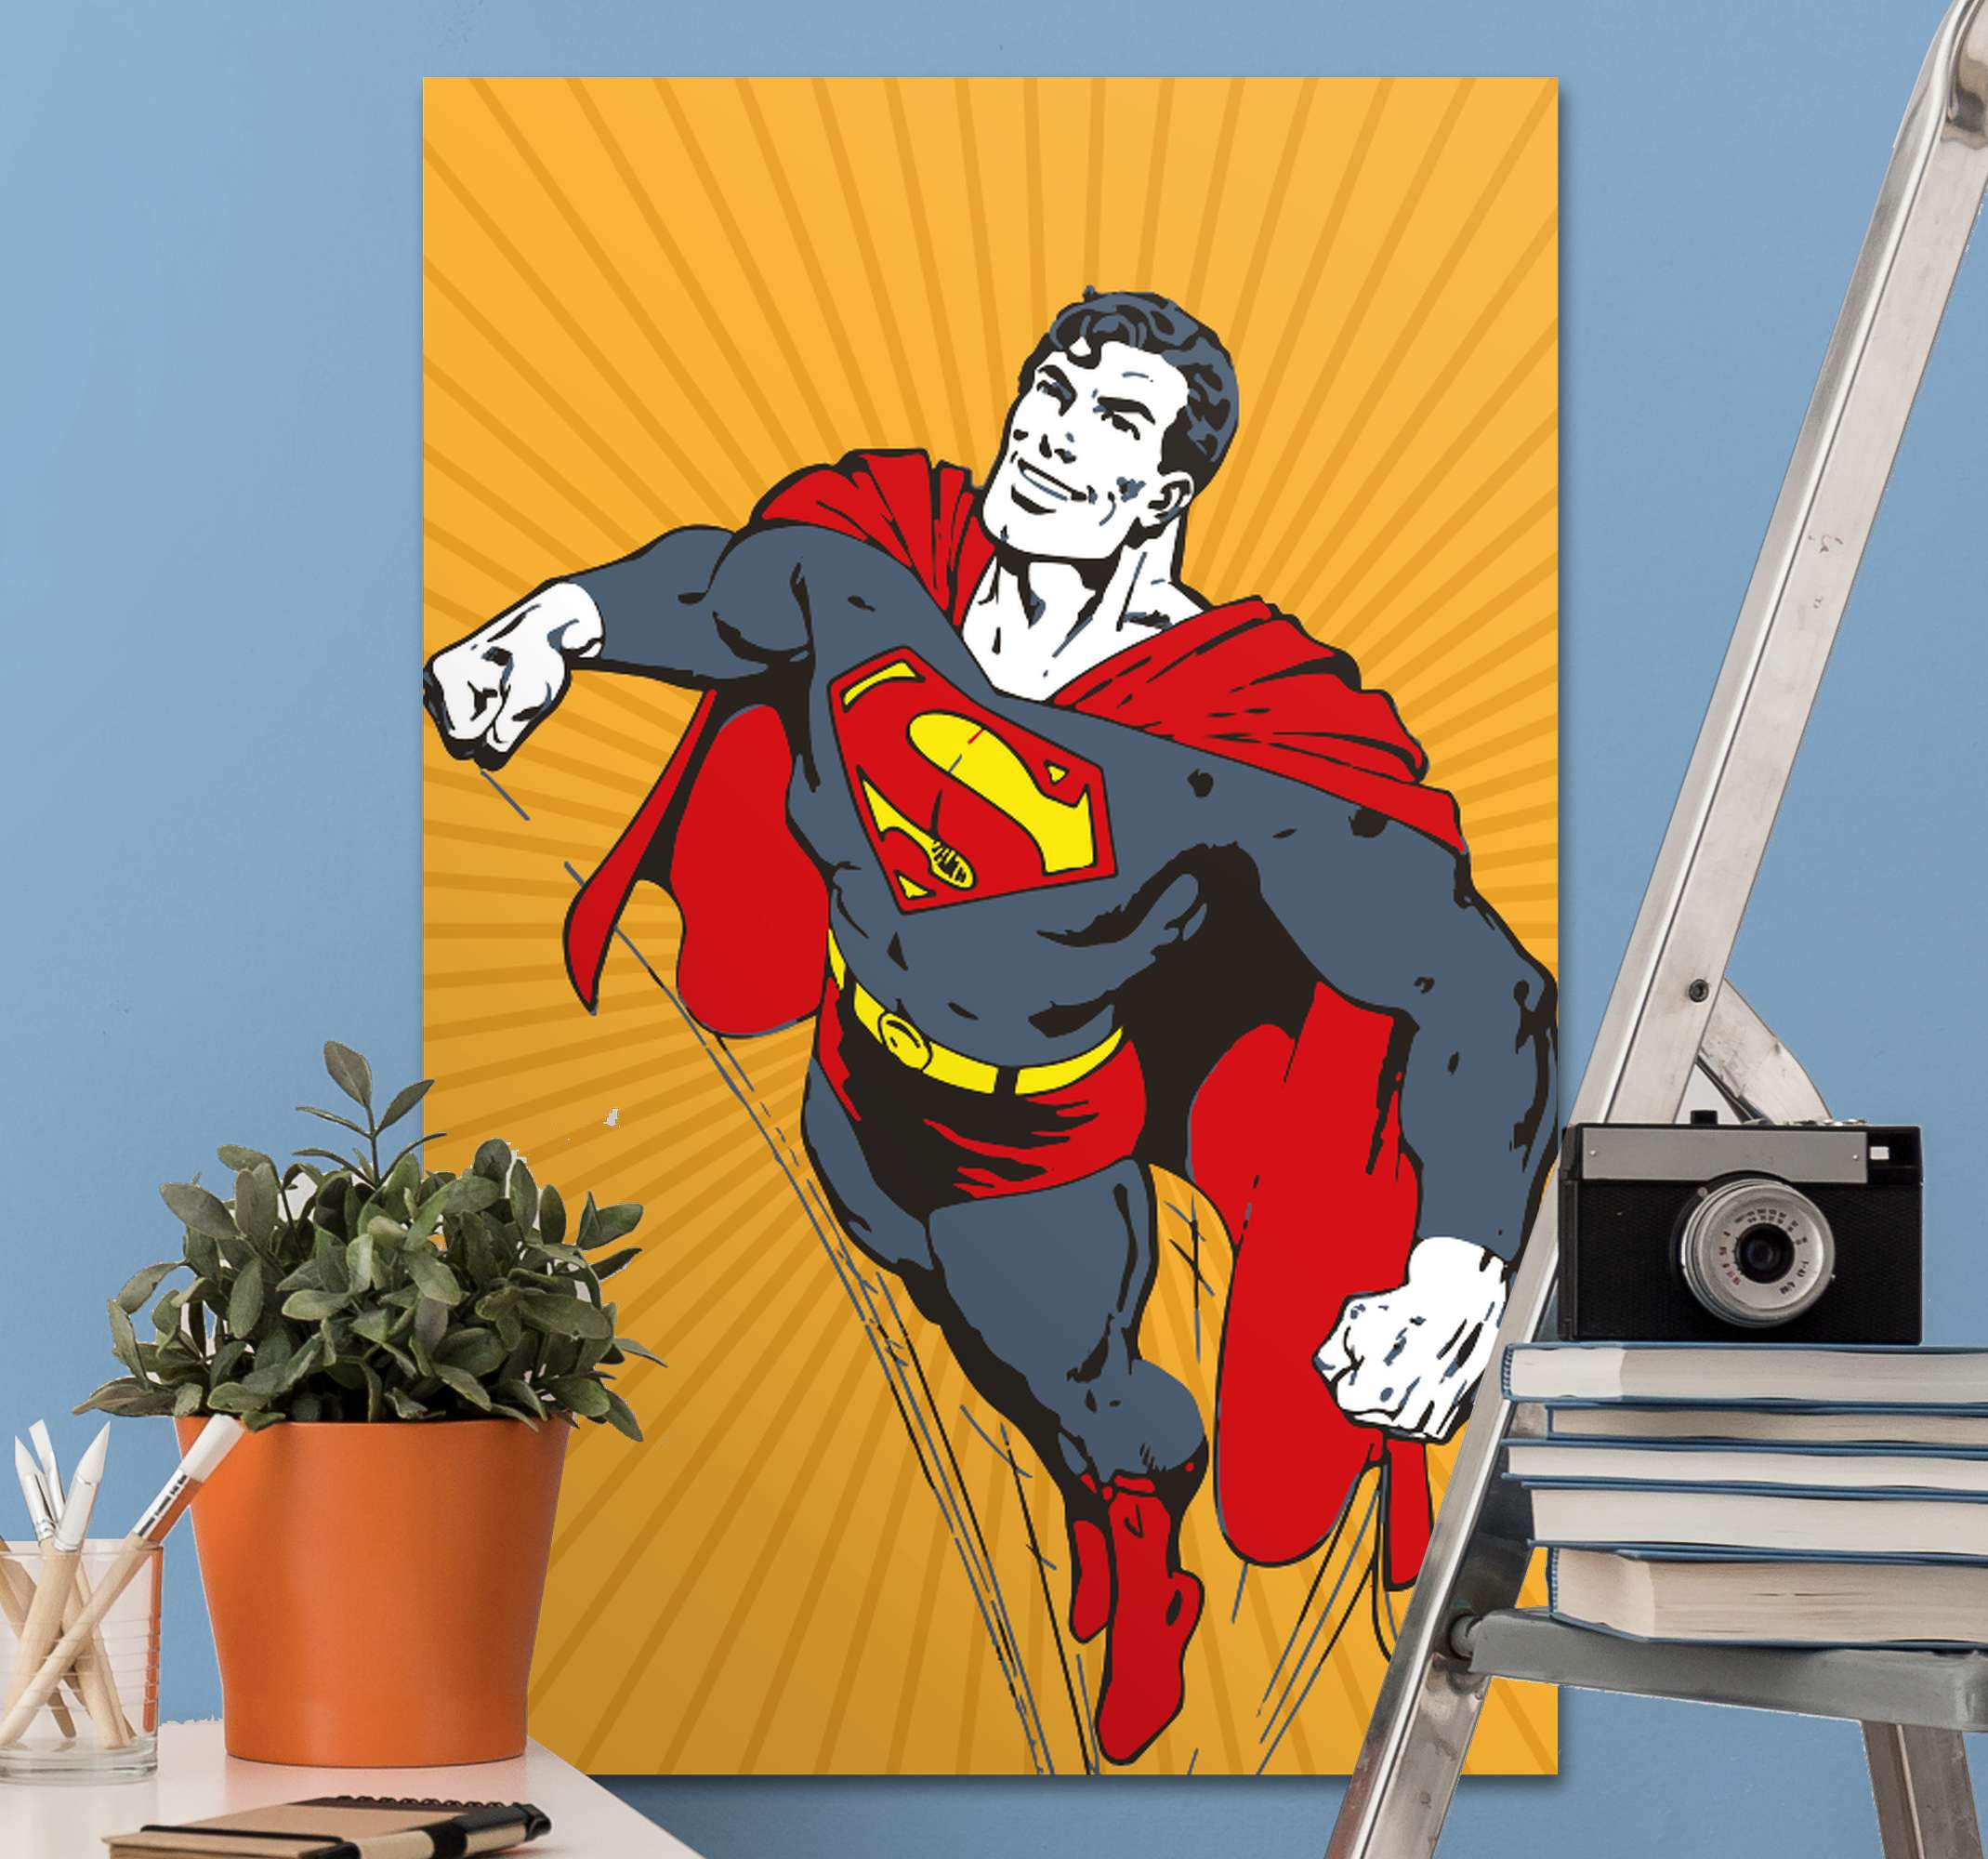 TenStickers. 超人超级英雄裱墙艺术. 帆布打印与超人。它在黄色复古背景上展示了超级英雄。容易挂。由优质材料制成。